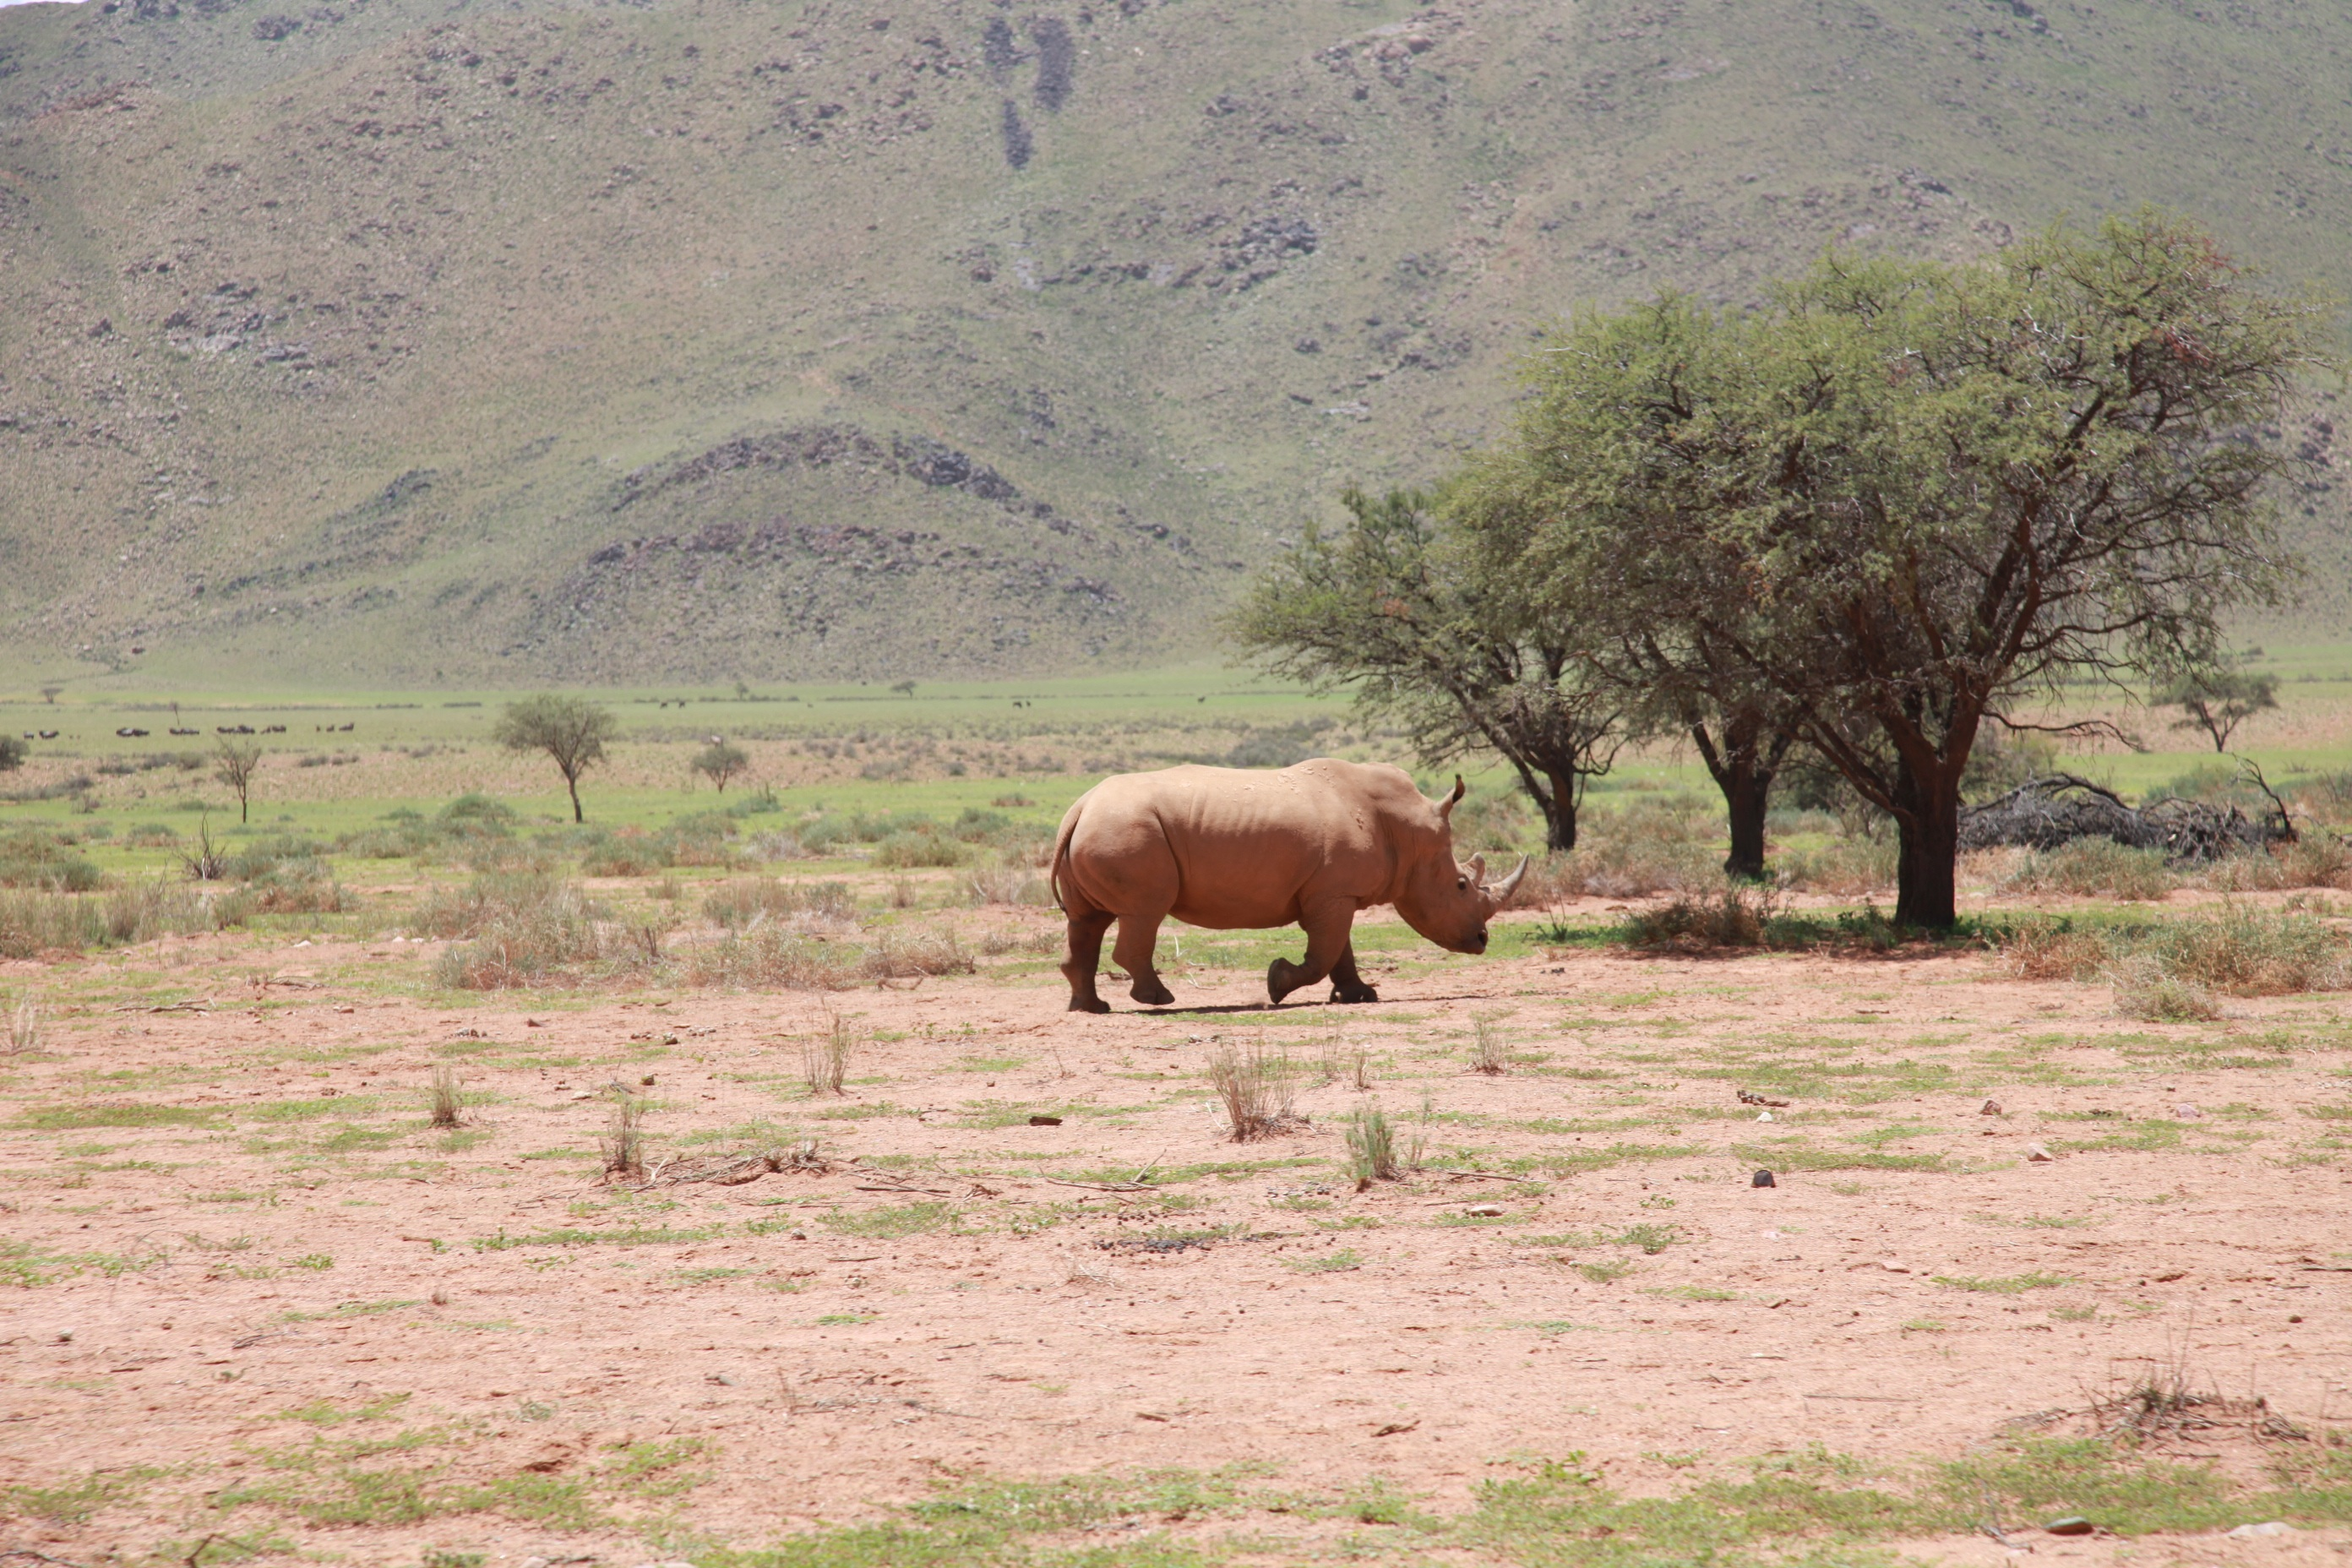 141427 Заставки и Обои Пустыня на телефон. Скачать Животные, Деревья, Пустыня, Носорог, Африка картинки бесплатно